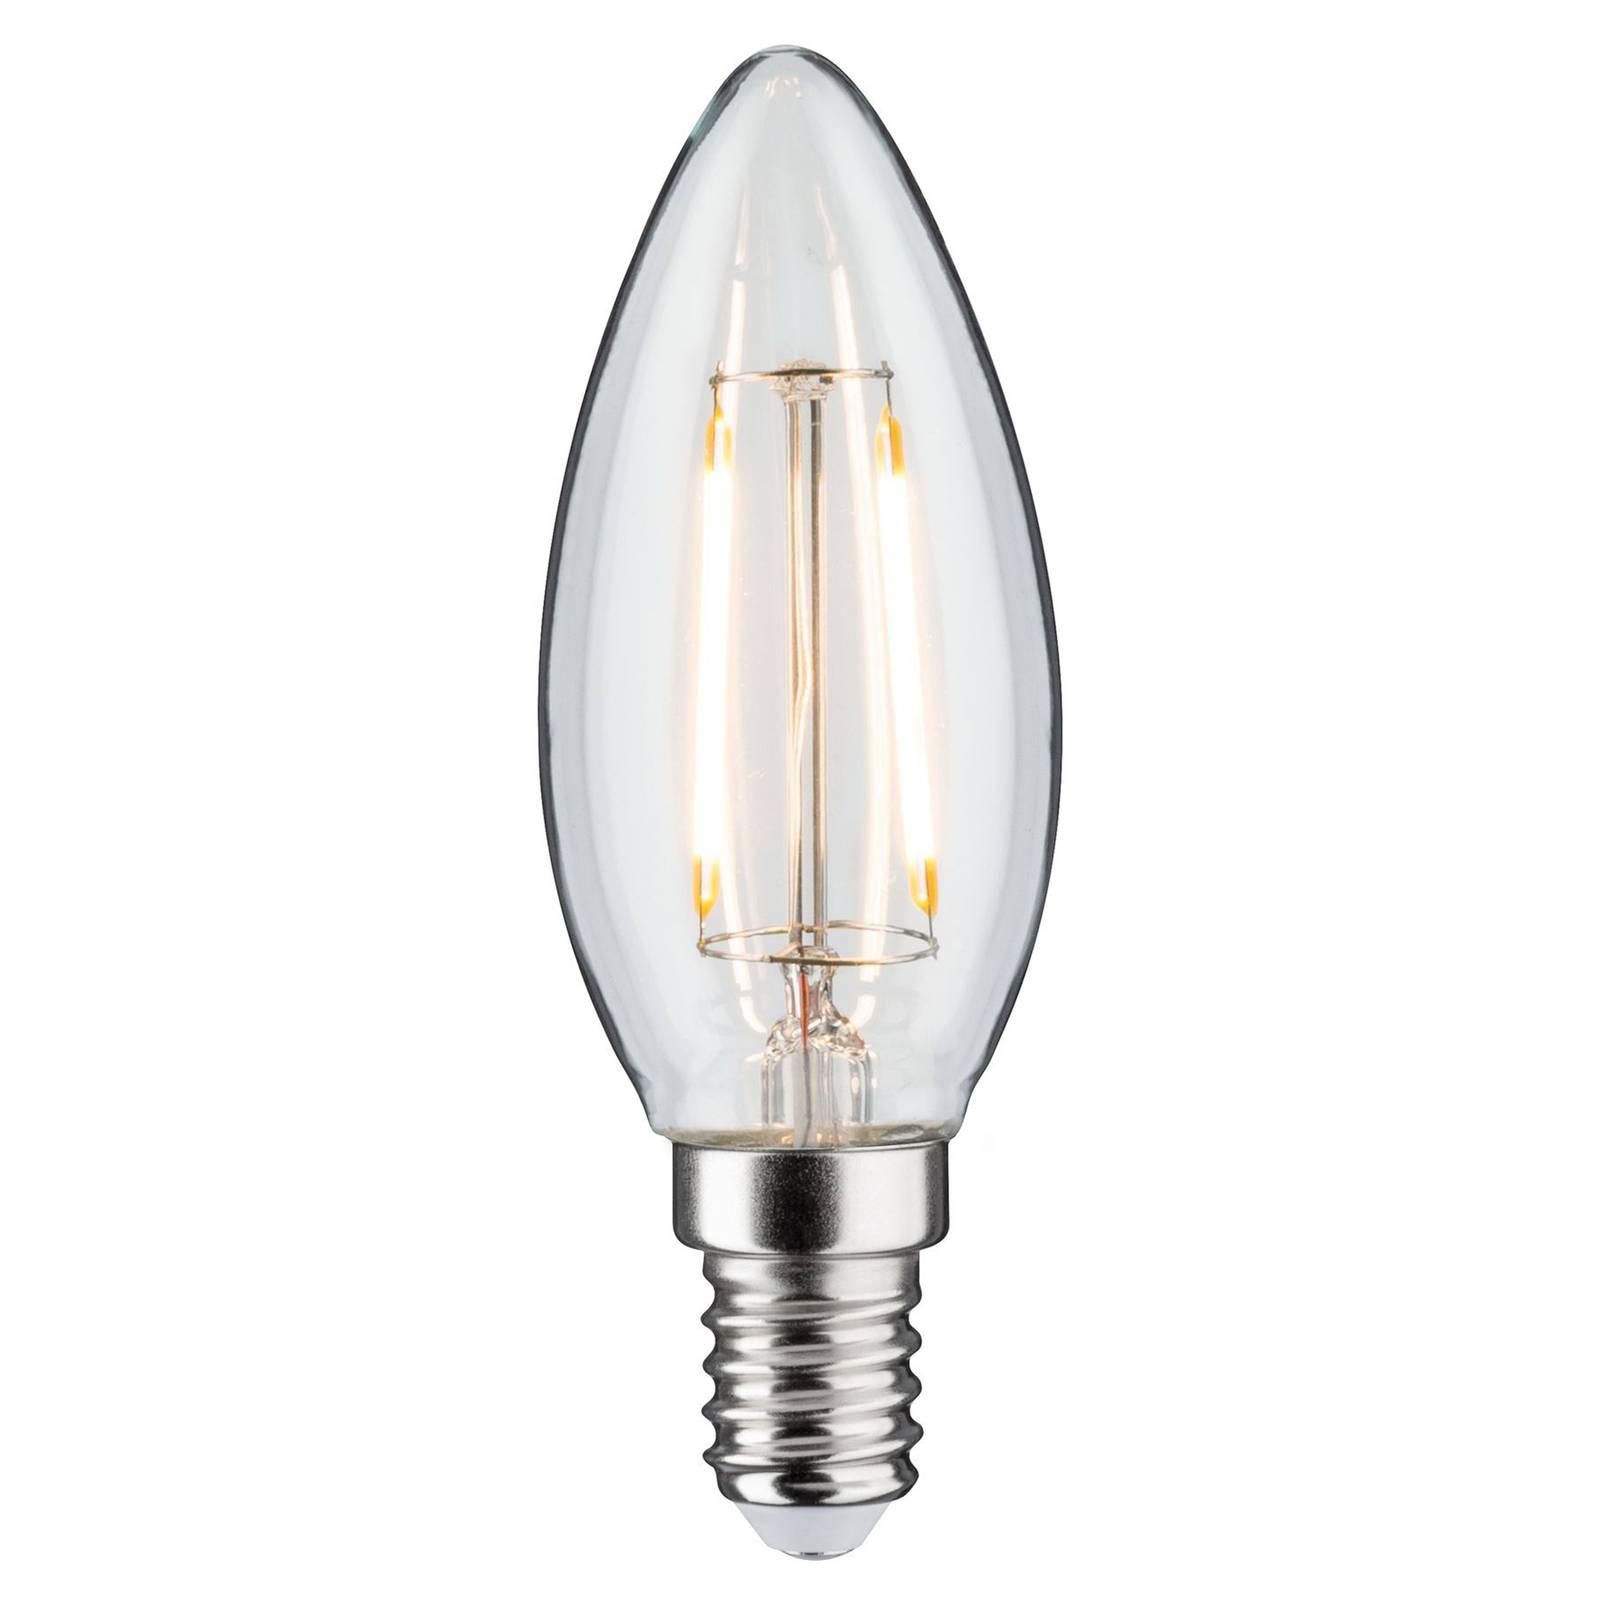 Paulmann-LED-kynttilälamppu E14 2W 3 000 K DC 24V